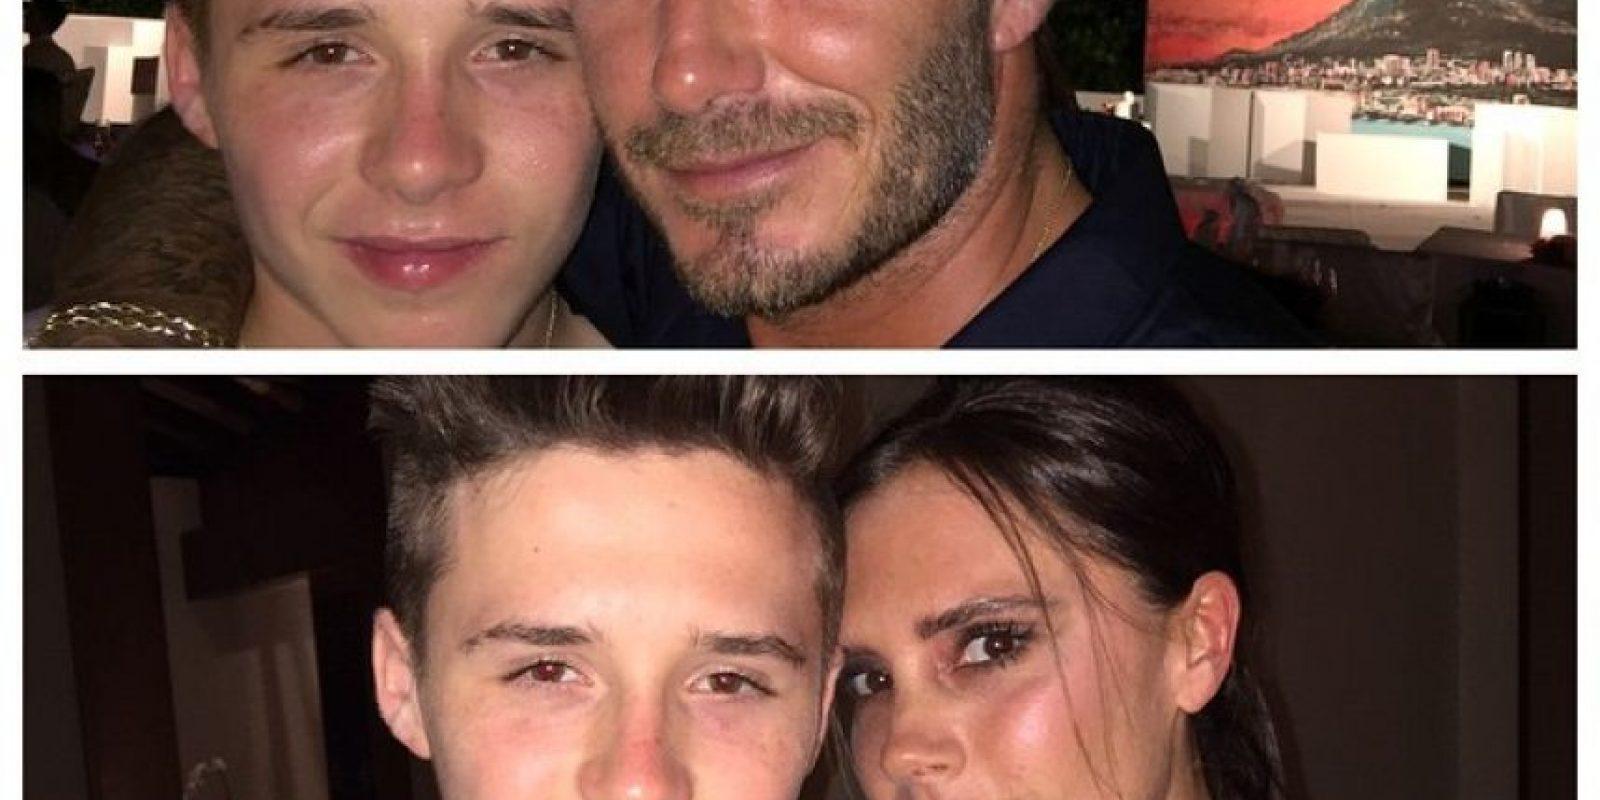 Con Victoria Beckham tiene cuatro hijos: Brooklyn, Romeo, Cruz y la pequeña Seven Harper. Foto:Via instagram.com/brooklynbeckham